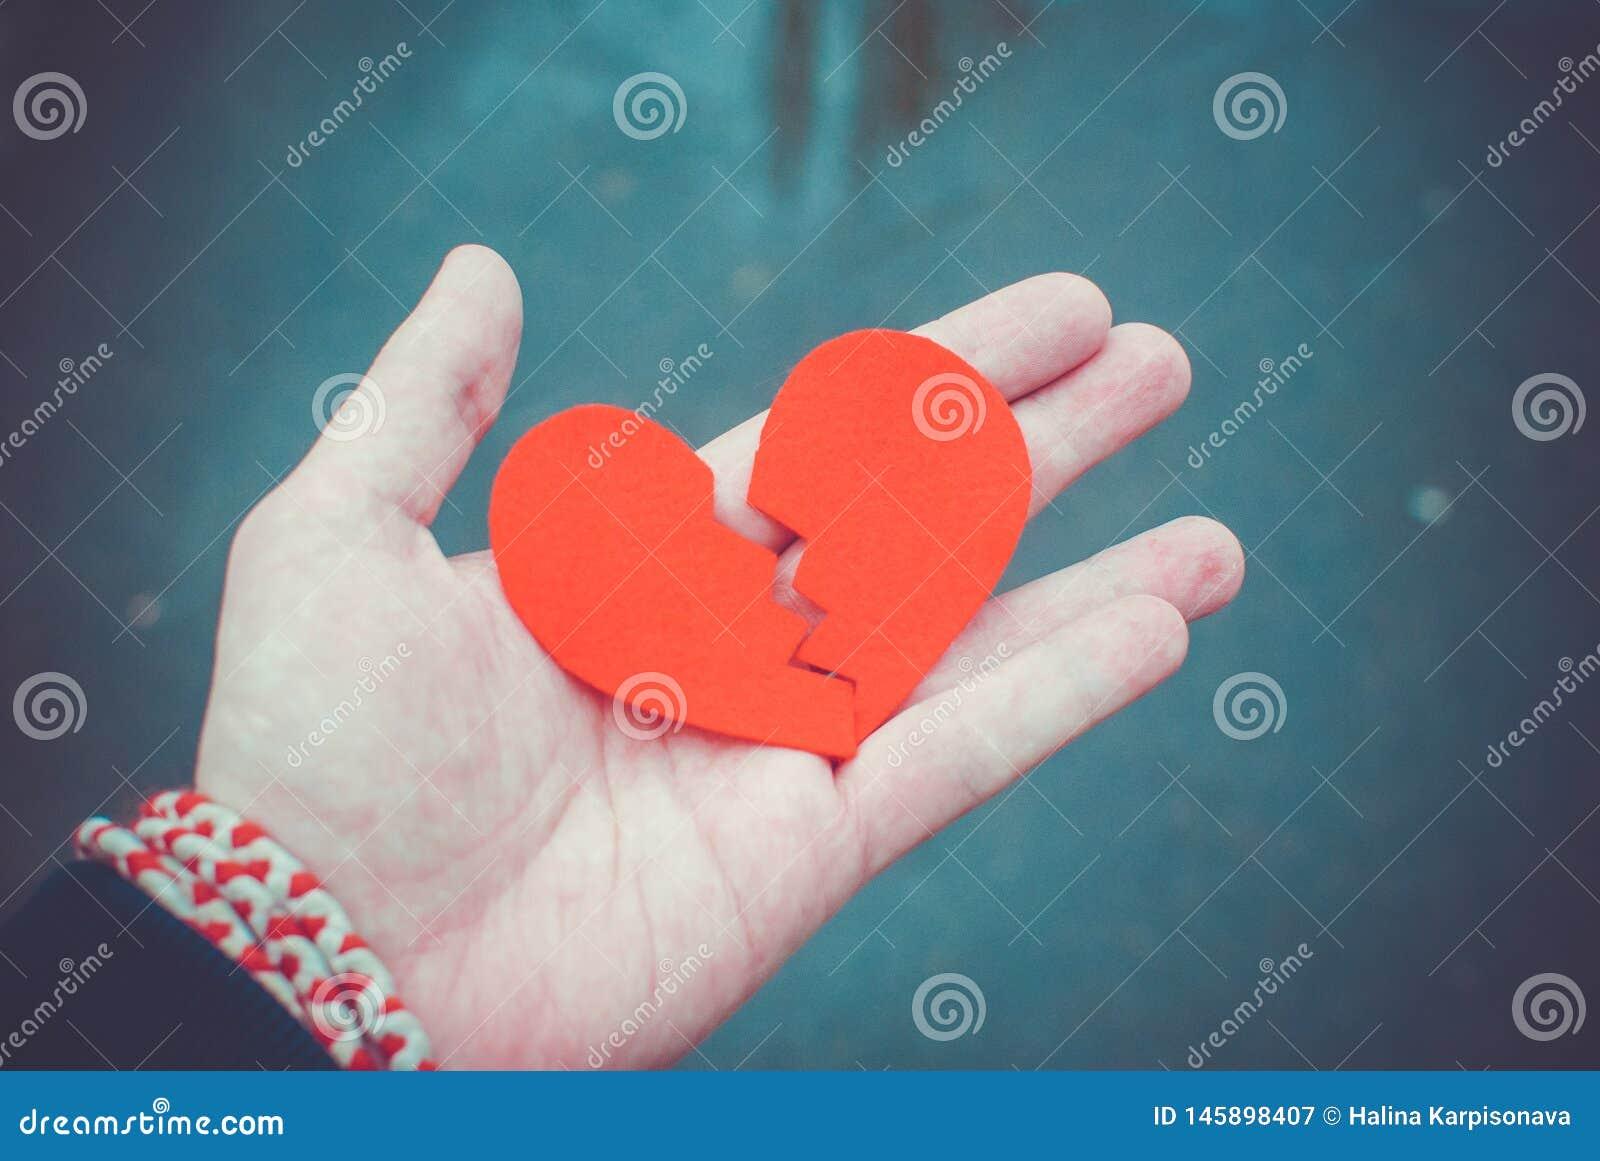 Scheidingsconcept - Gebroken hart in de mannelijke handen